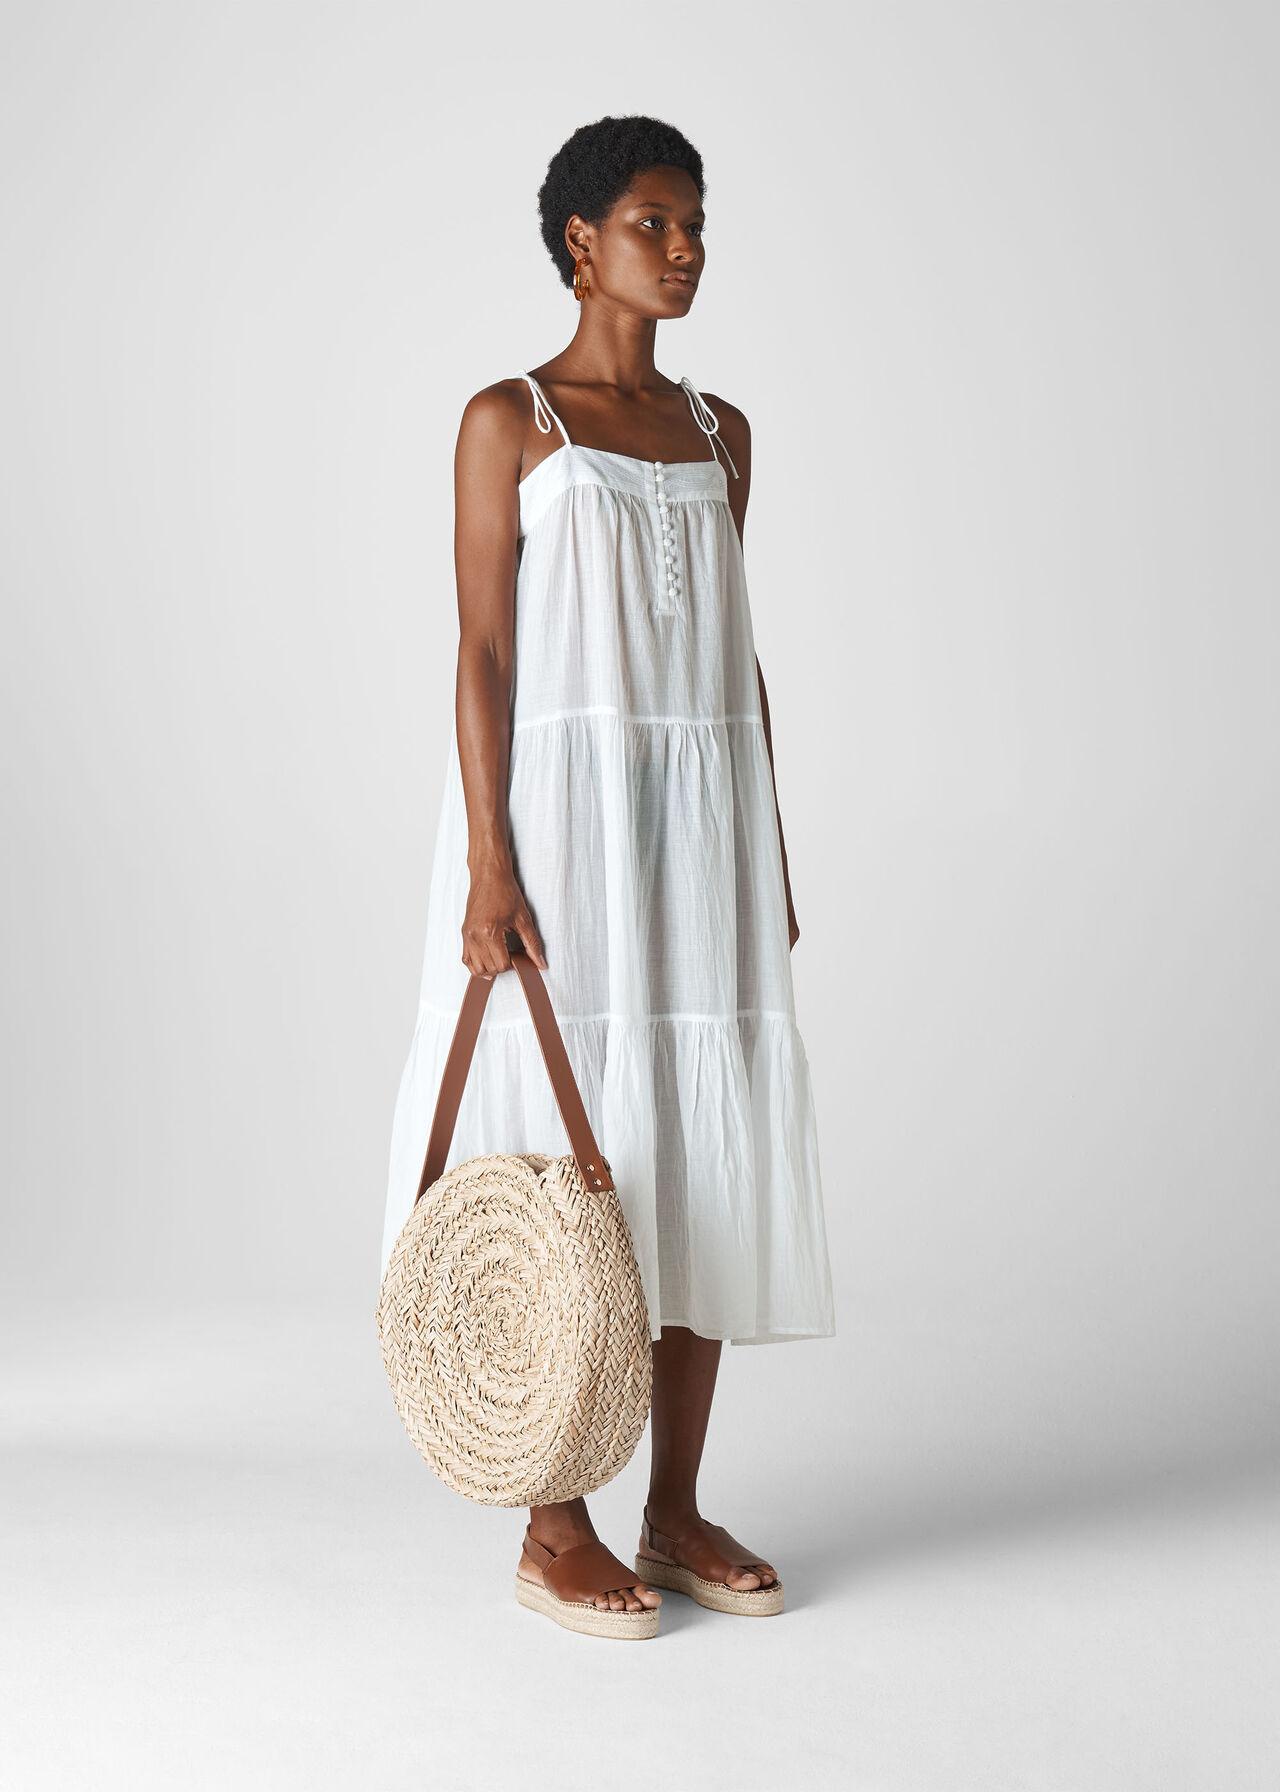 White Viole Midi Beach Dress | WHISTLES | Whistles